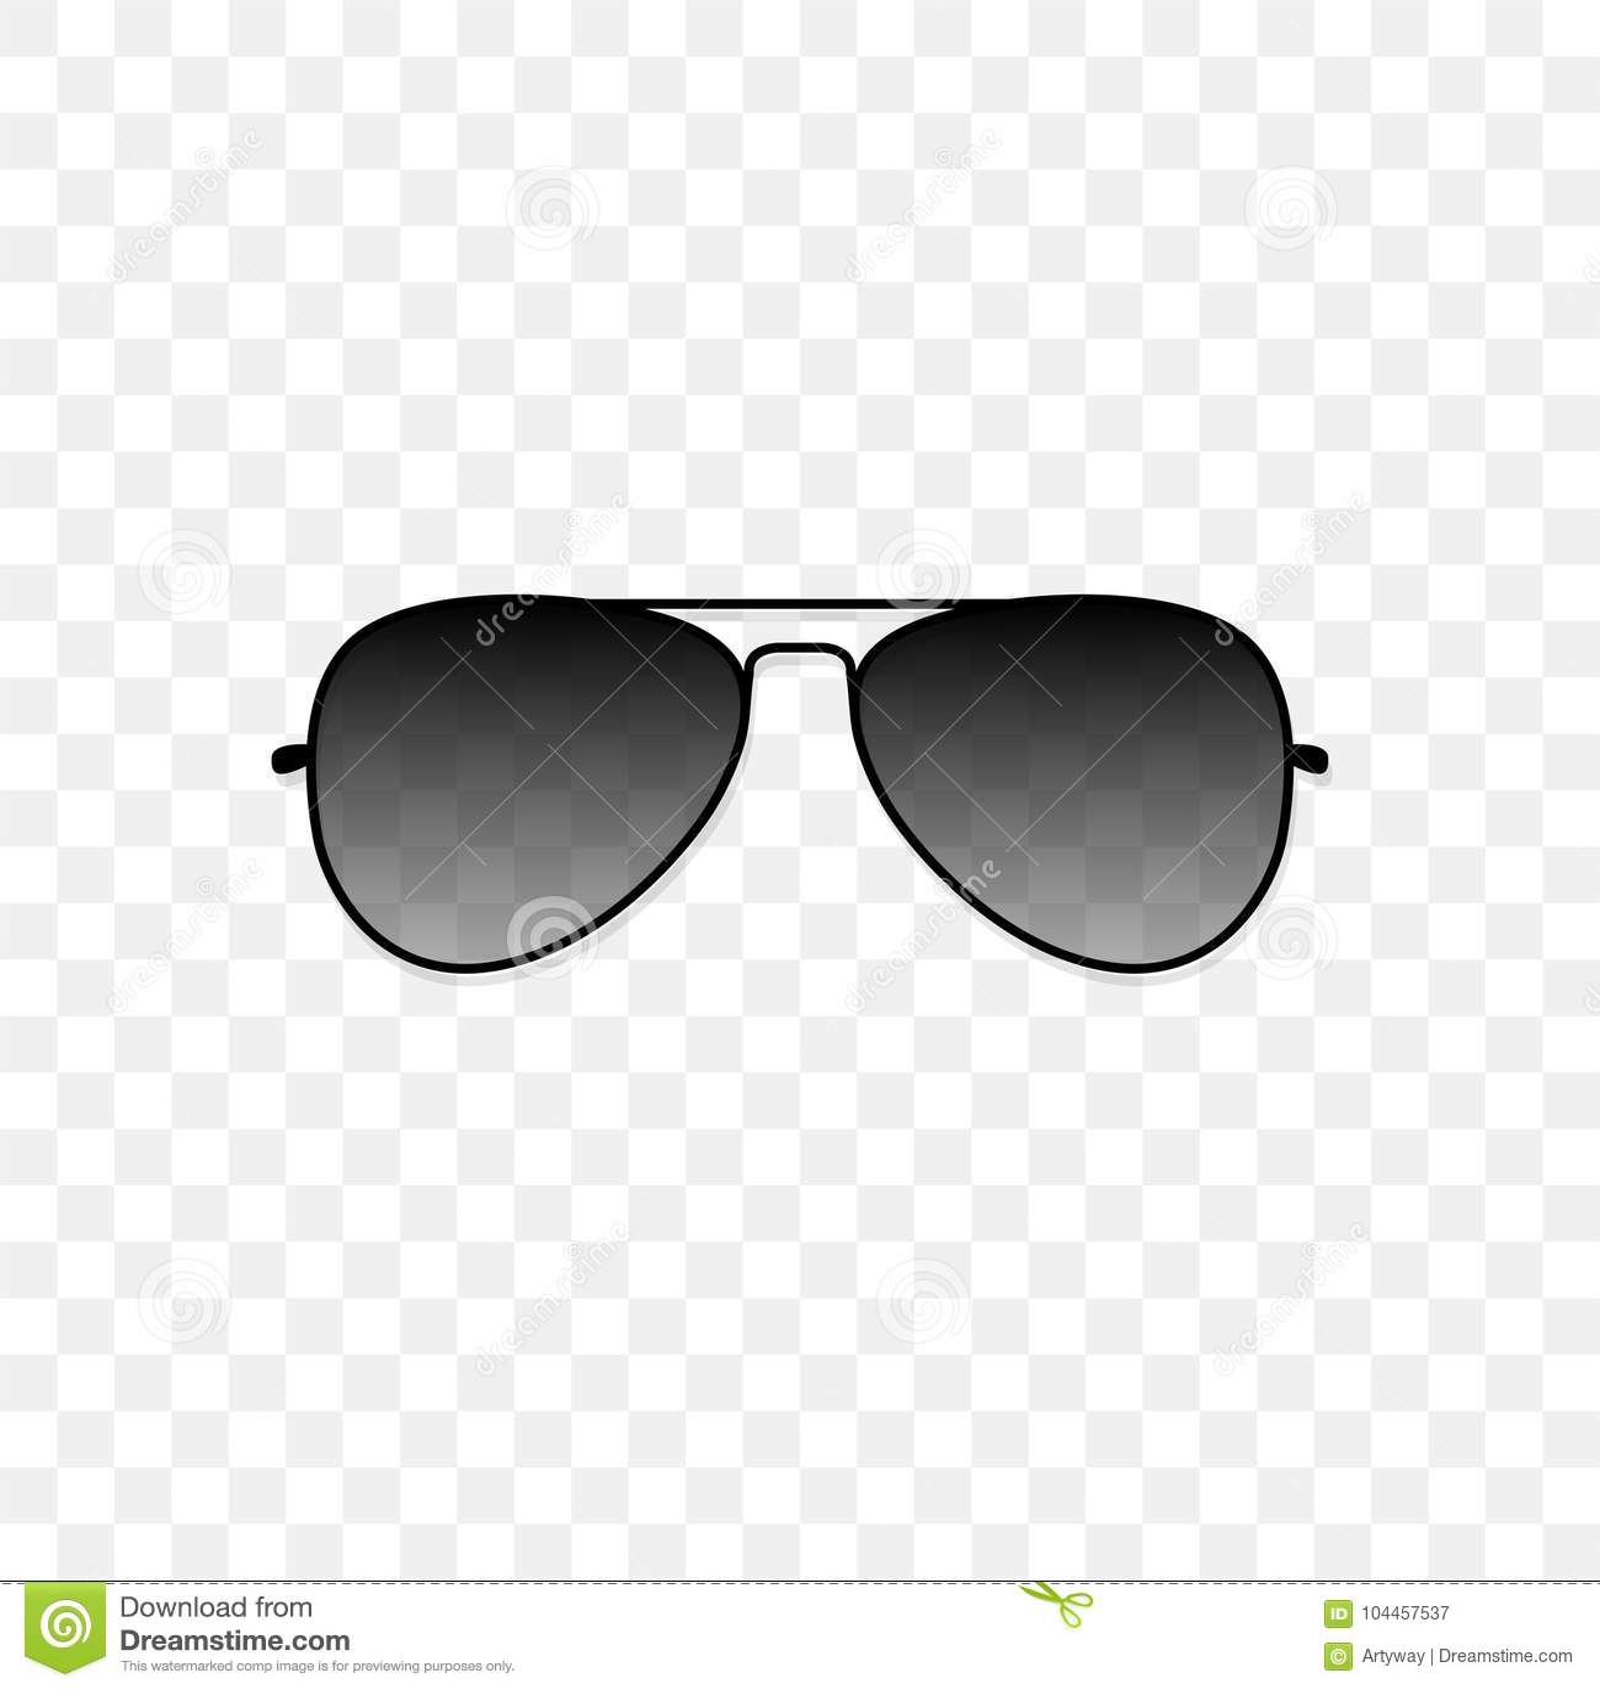 Glasögon Gratis Solglasögon « One More Soul aa74ca7f218e0